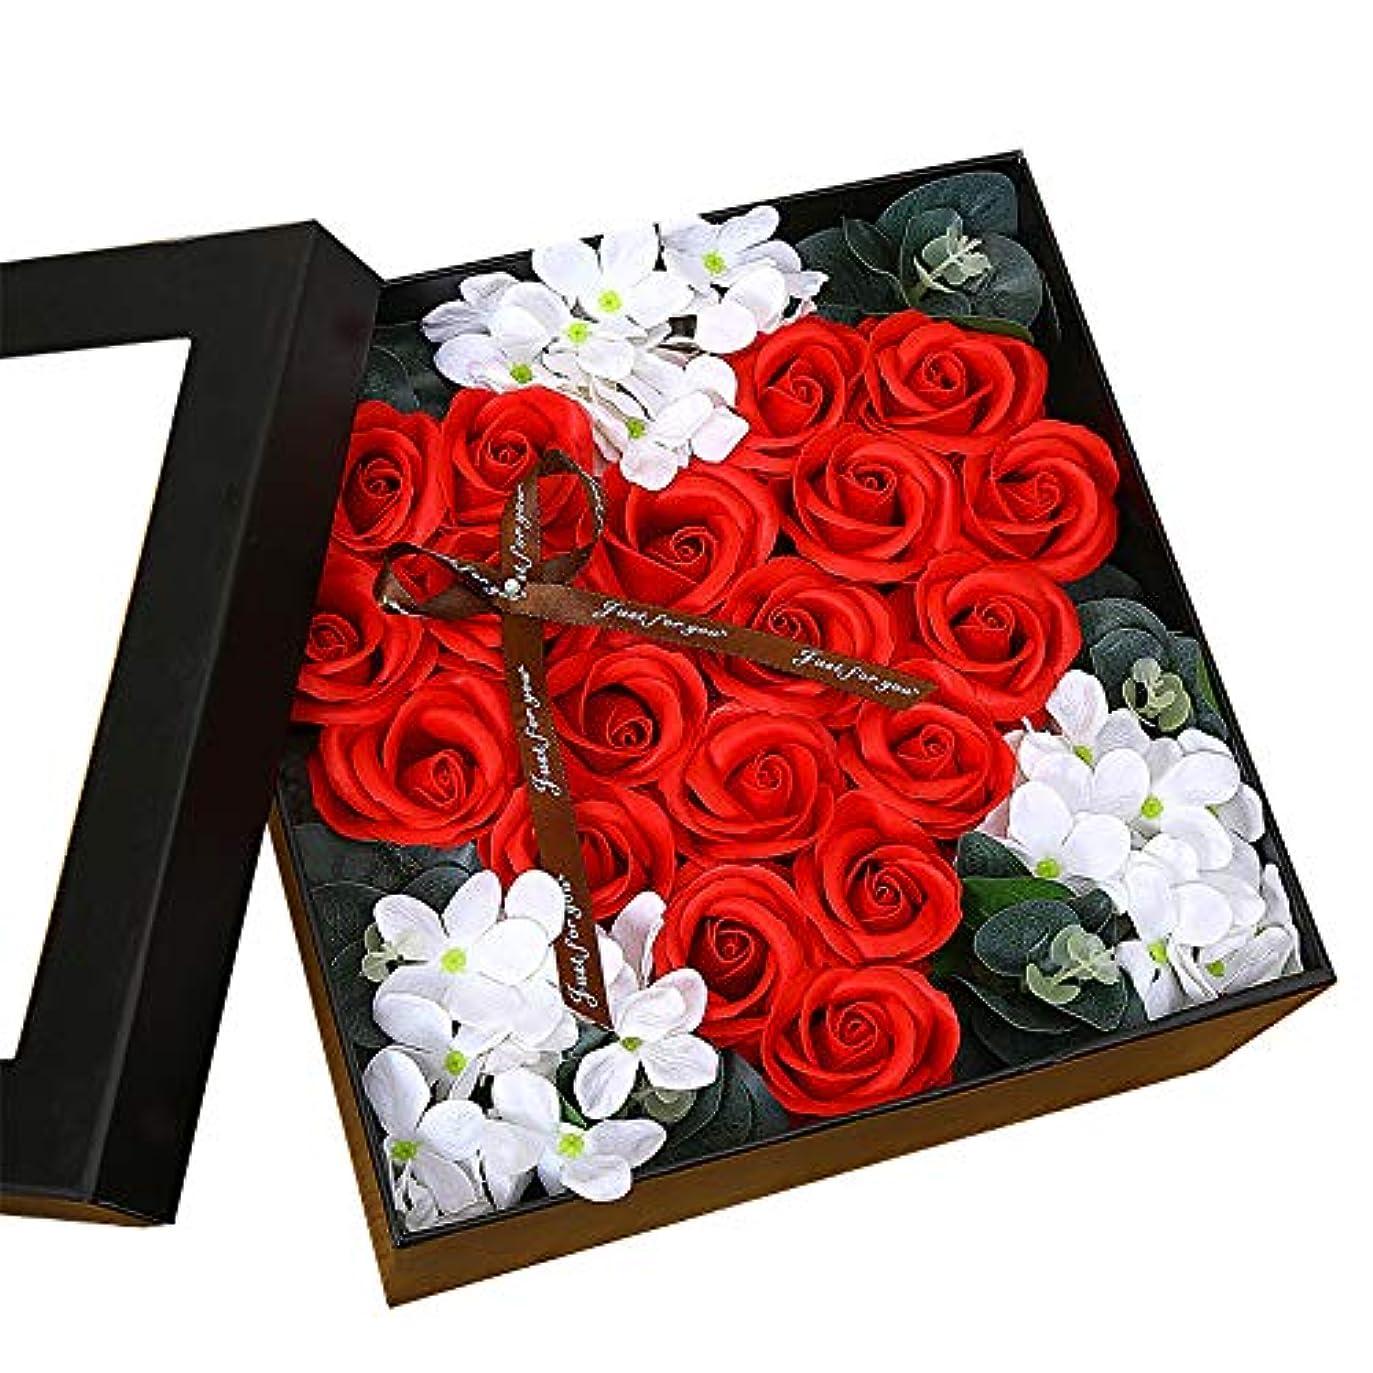 里親草作業生地と花石鹸の花 ギフトソープフラワーローズフラワーバレンタインデーのために不可欠ガールフレンド記念日誕生日母の日 (色 : Red square box)